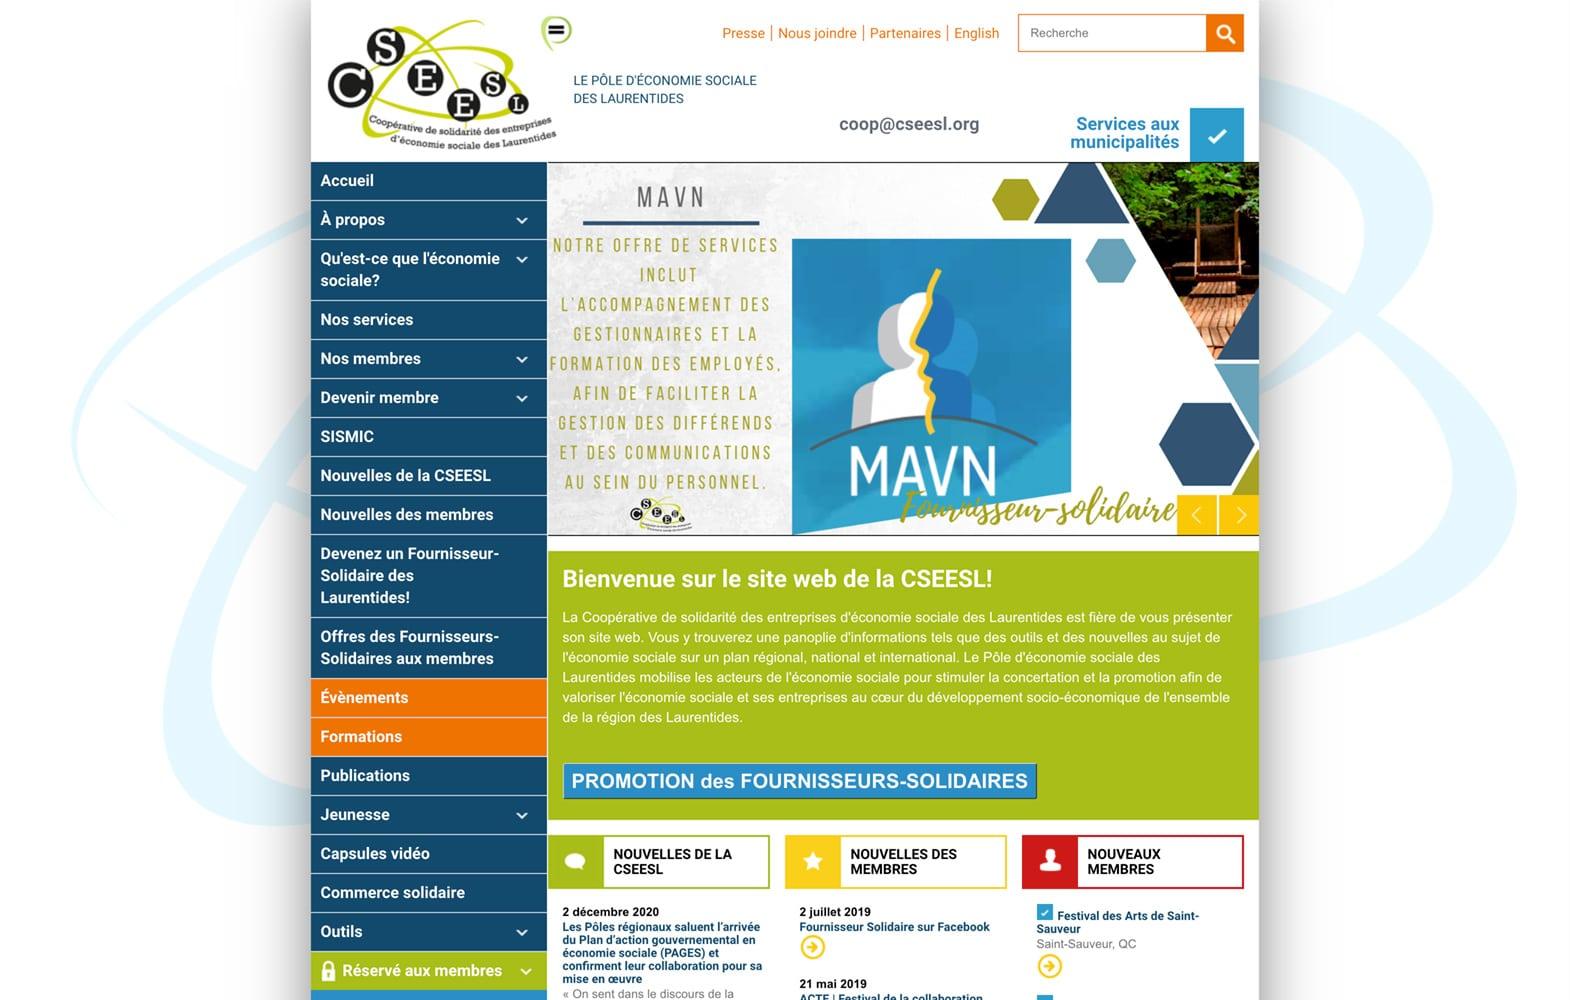 Le menu vertical sur le site Web de la CSEESL